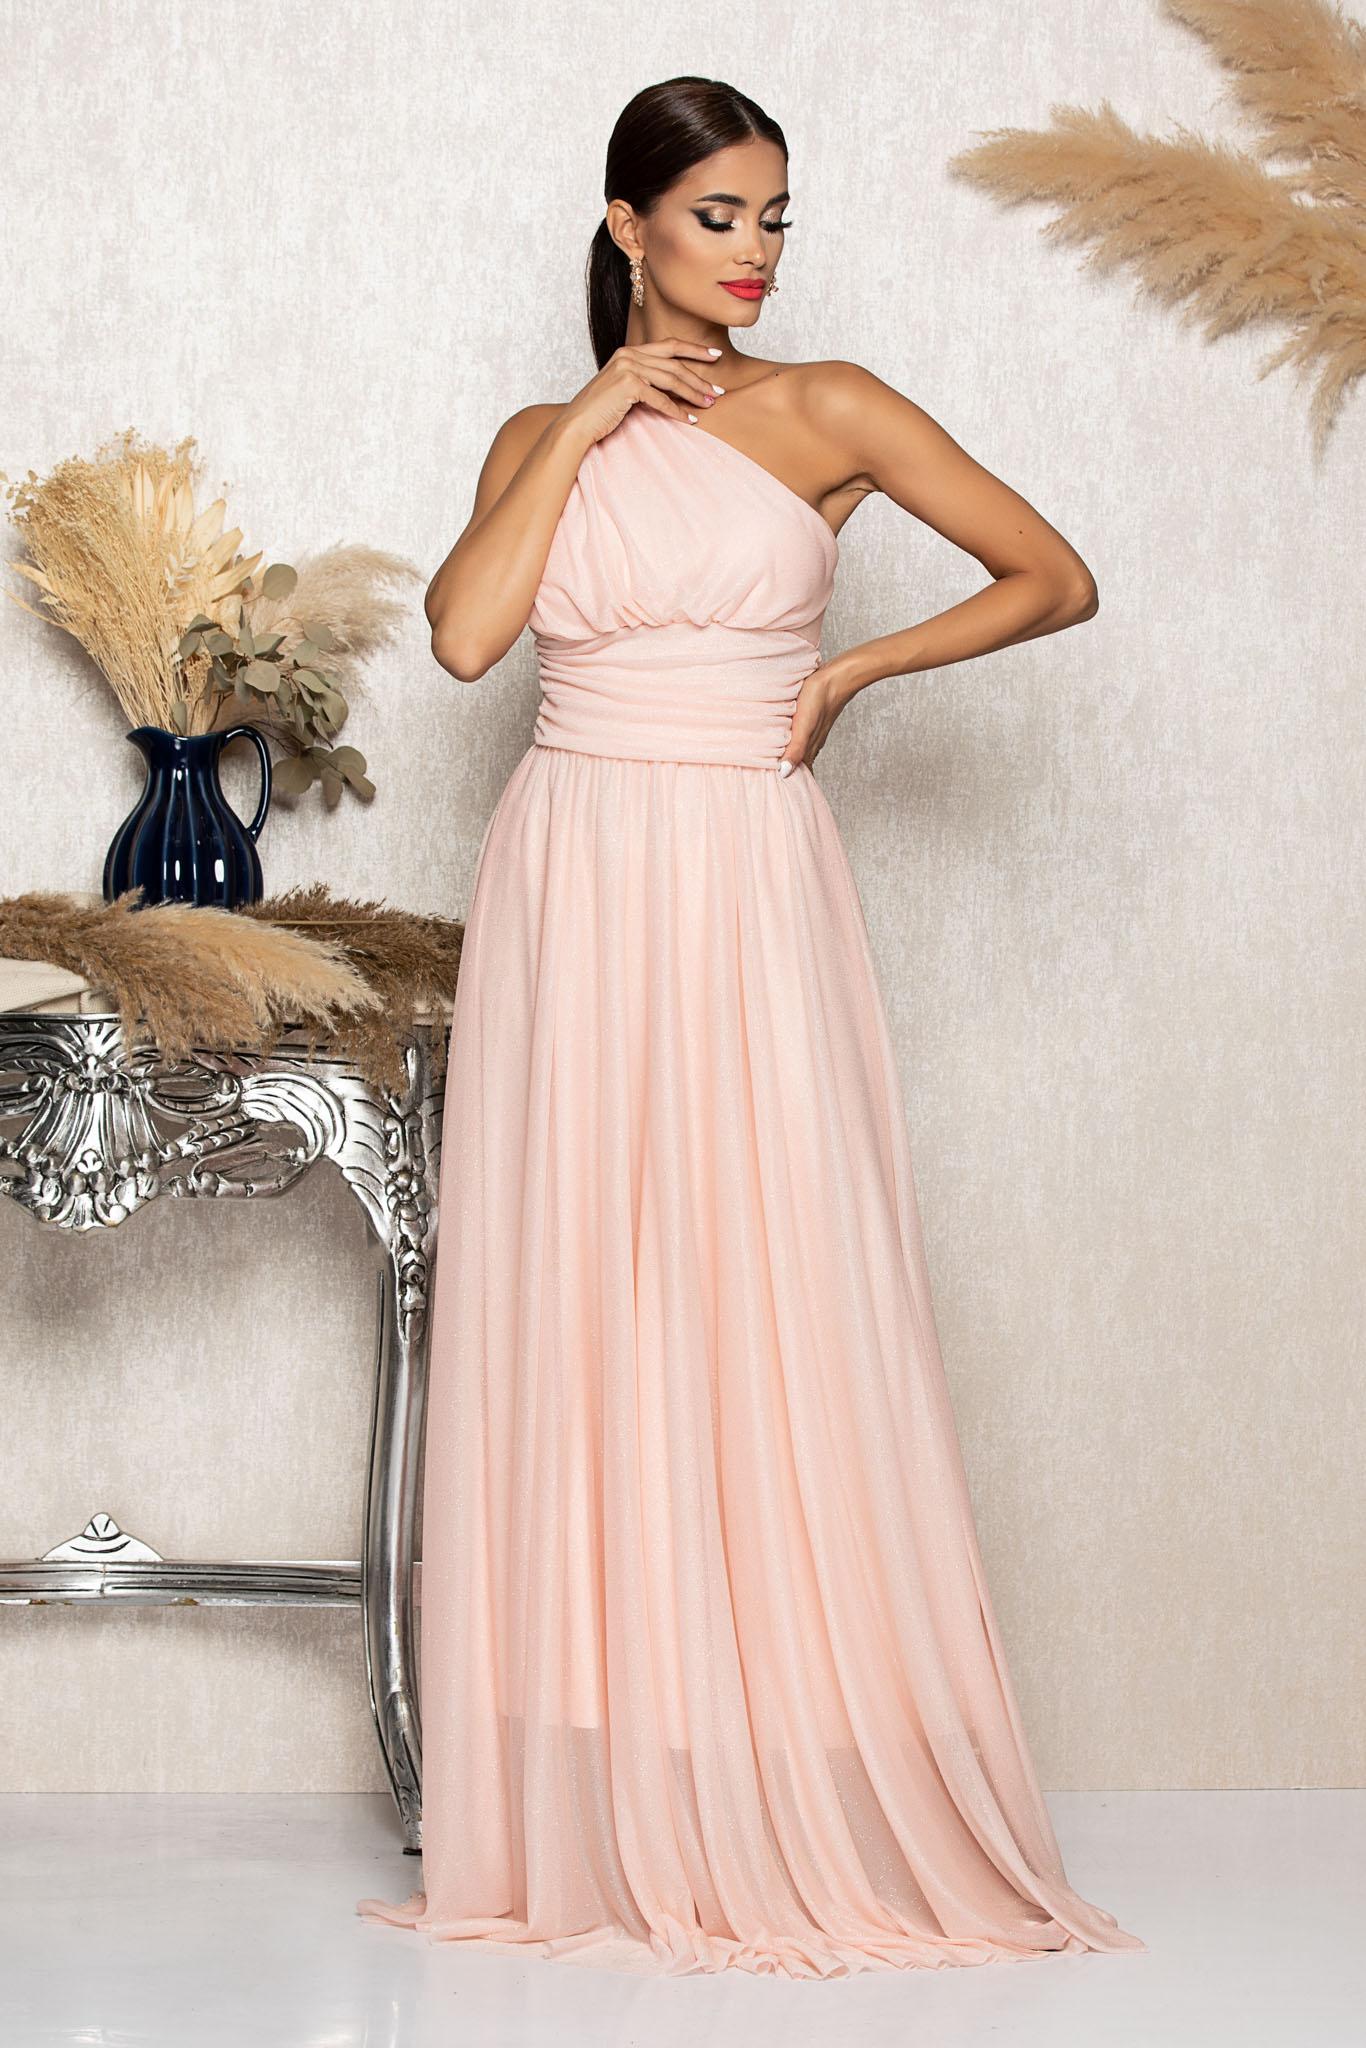 Rochie Divissima Peach Marimi Mari M (38)   L (40)   XL (42)   XXL (44)   3XL (46)